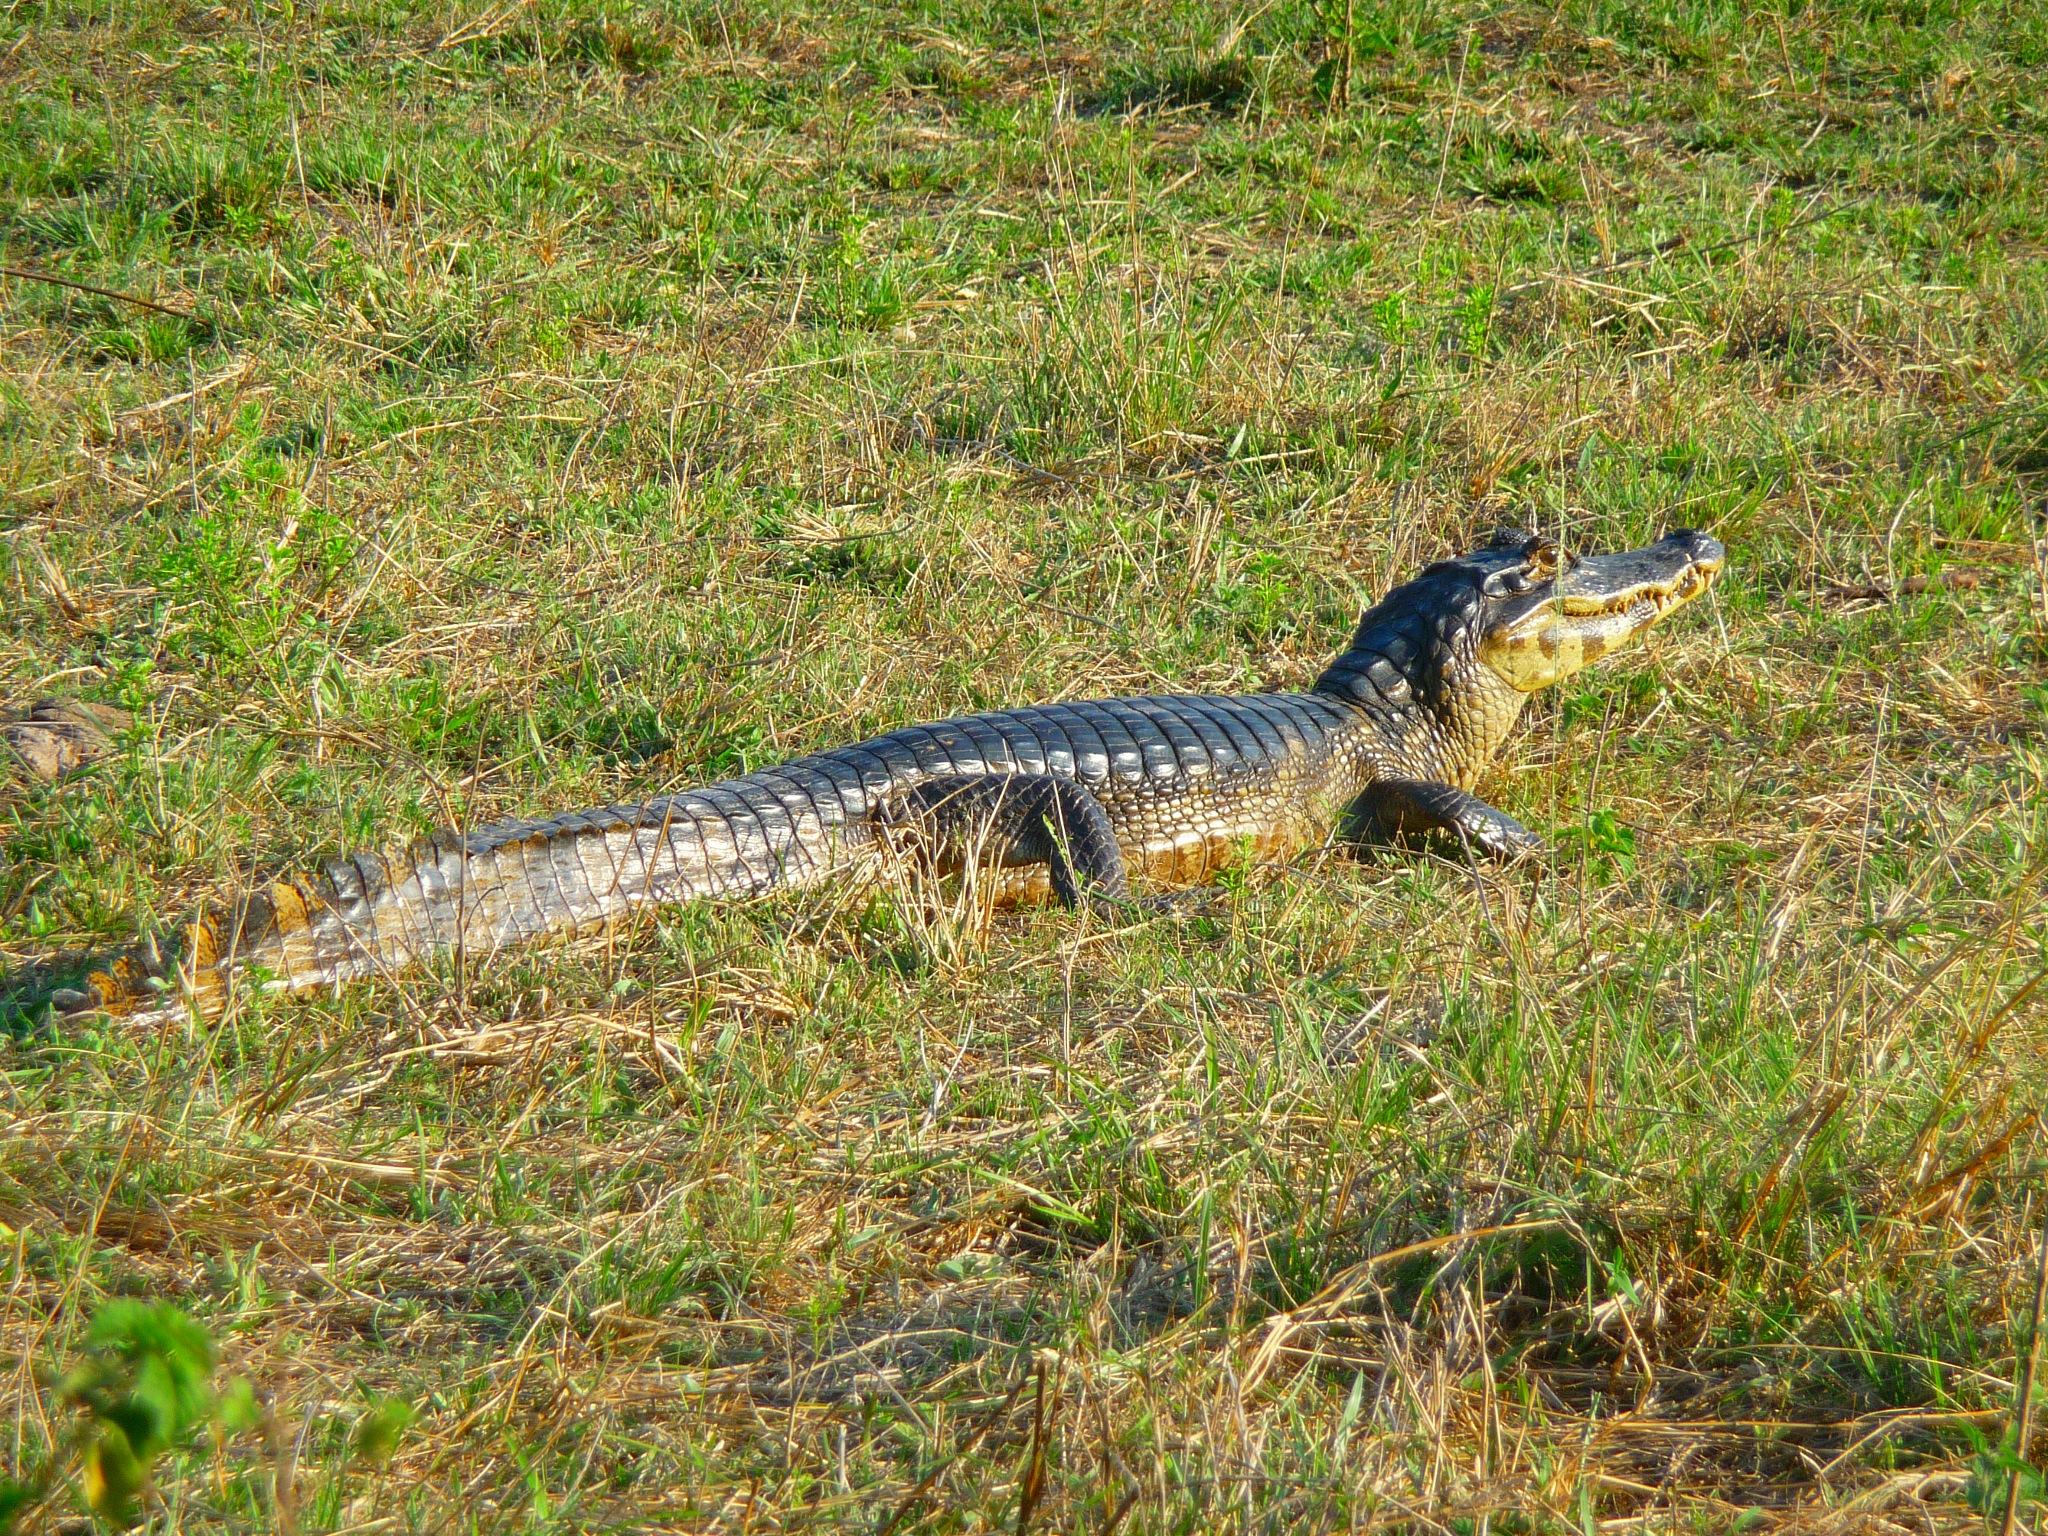 Alligator by Carlos Bouso